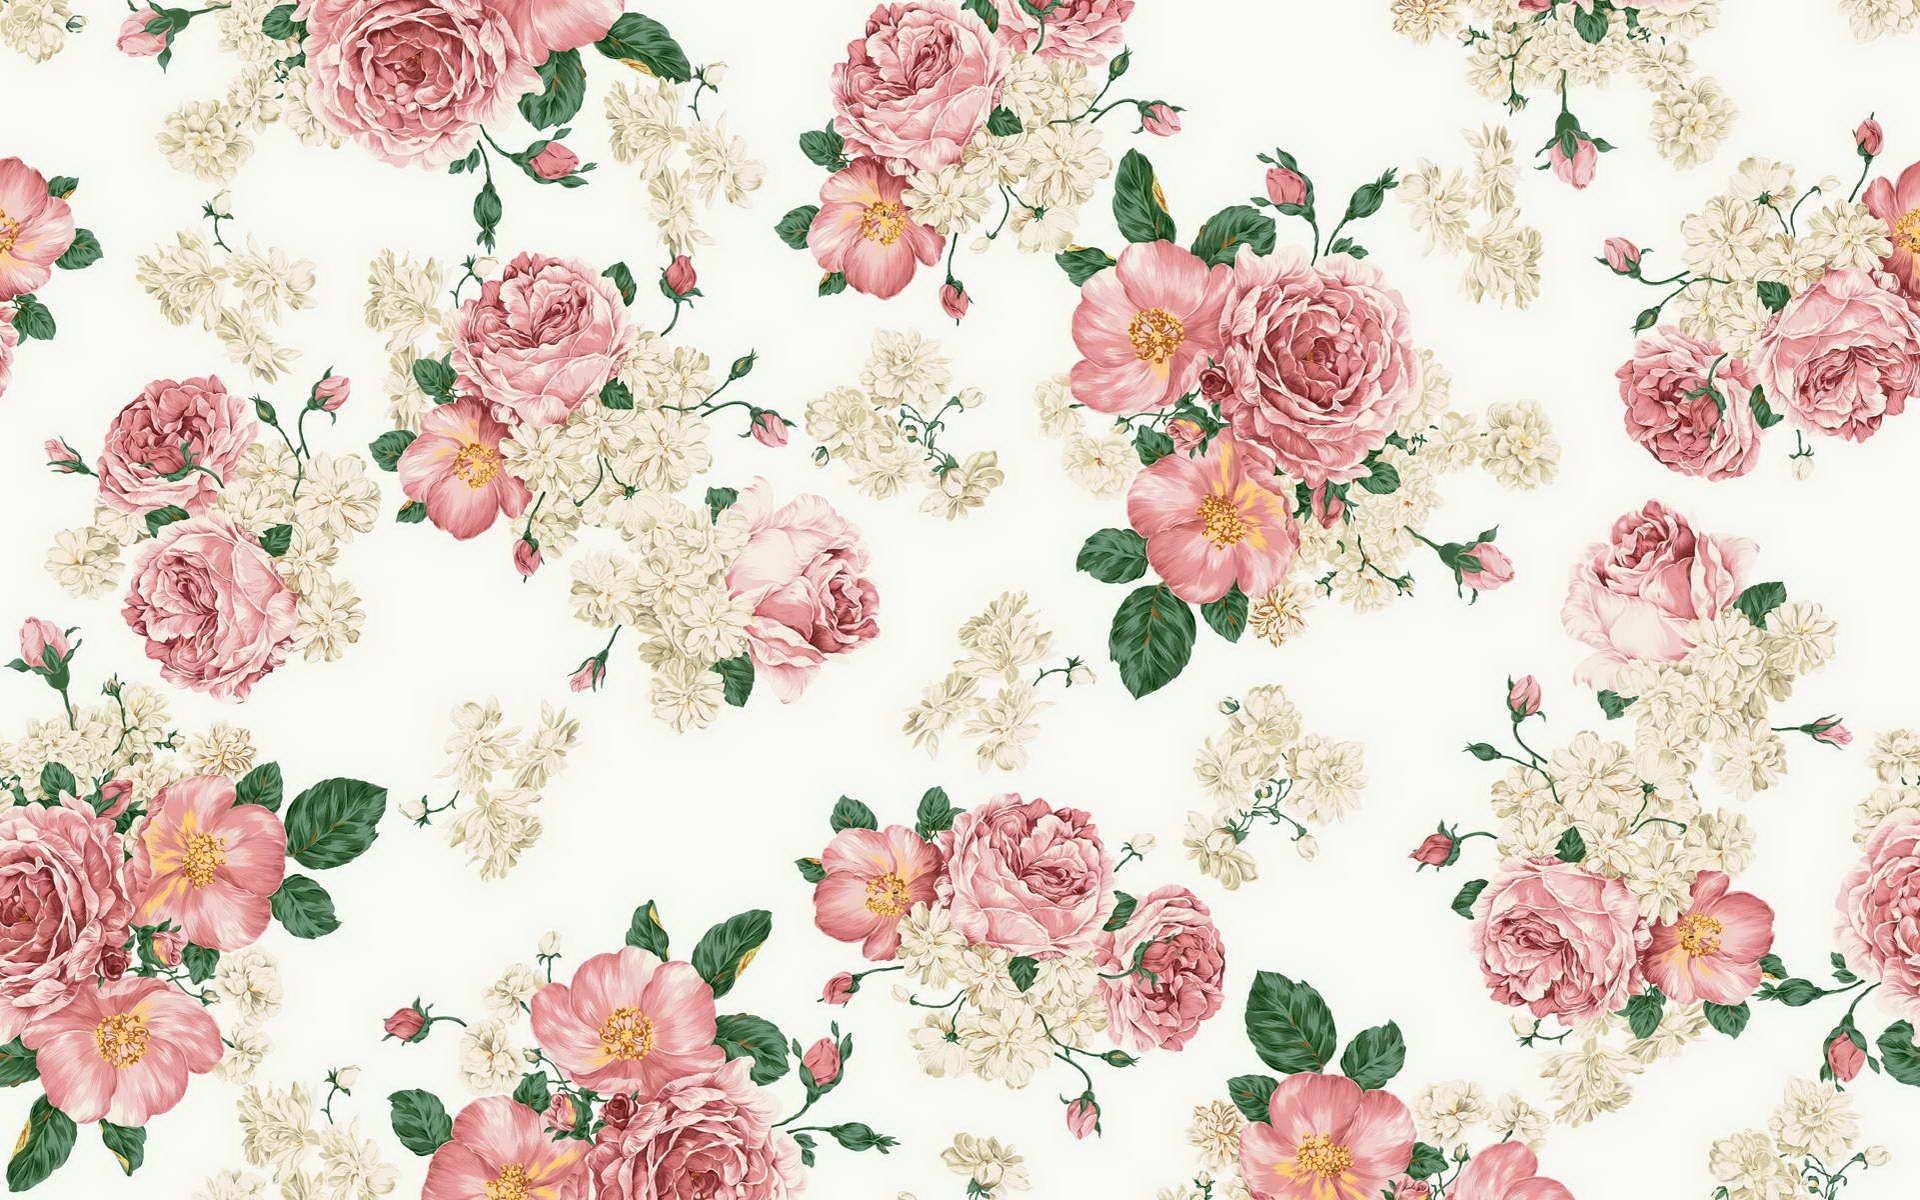 Tumblr Flower Backgrounds wallpaper | 1920x1200 | #23676